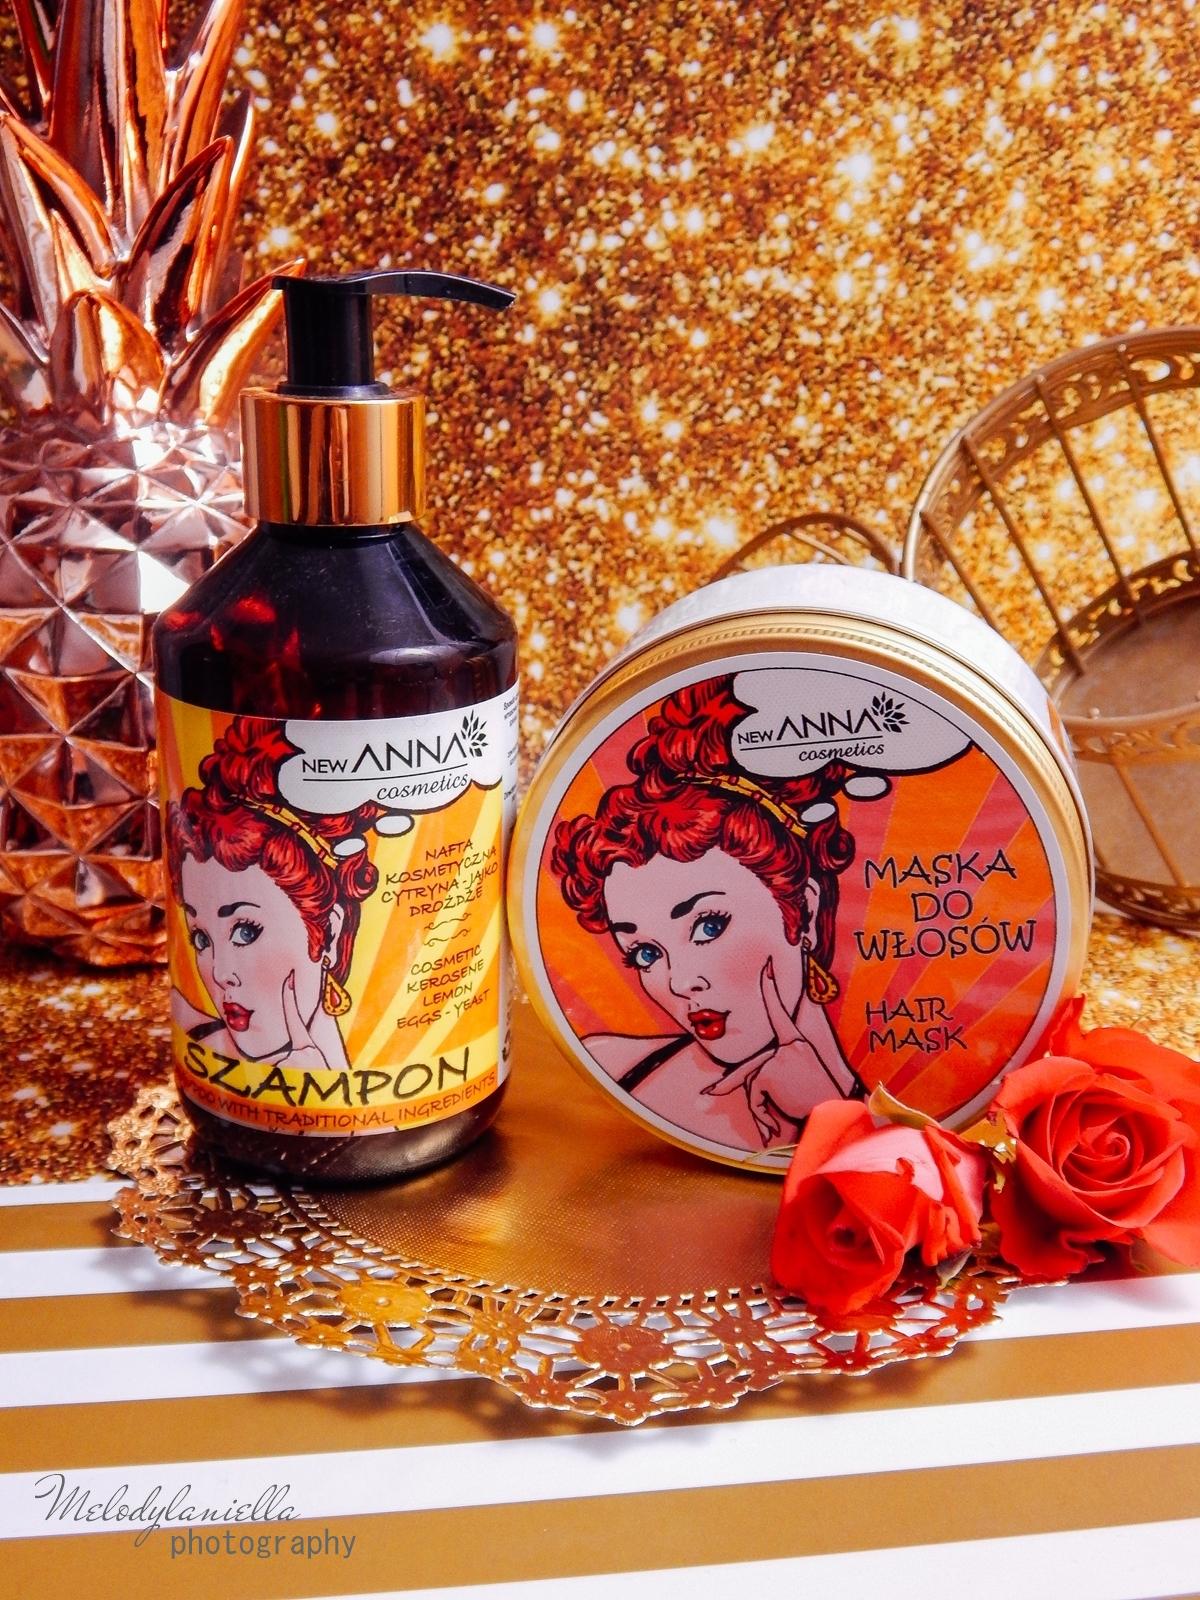 2 new anna cosmetics szampon z naftą kosmetyczną cytryną jajkiem i drożdżami maska do włosów z naftą kosmetyczną opinie recenzje szapon do włosow przetłuszczających się maska do włosów tłustych odrzywka-2